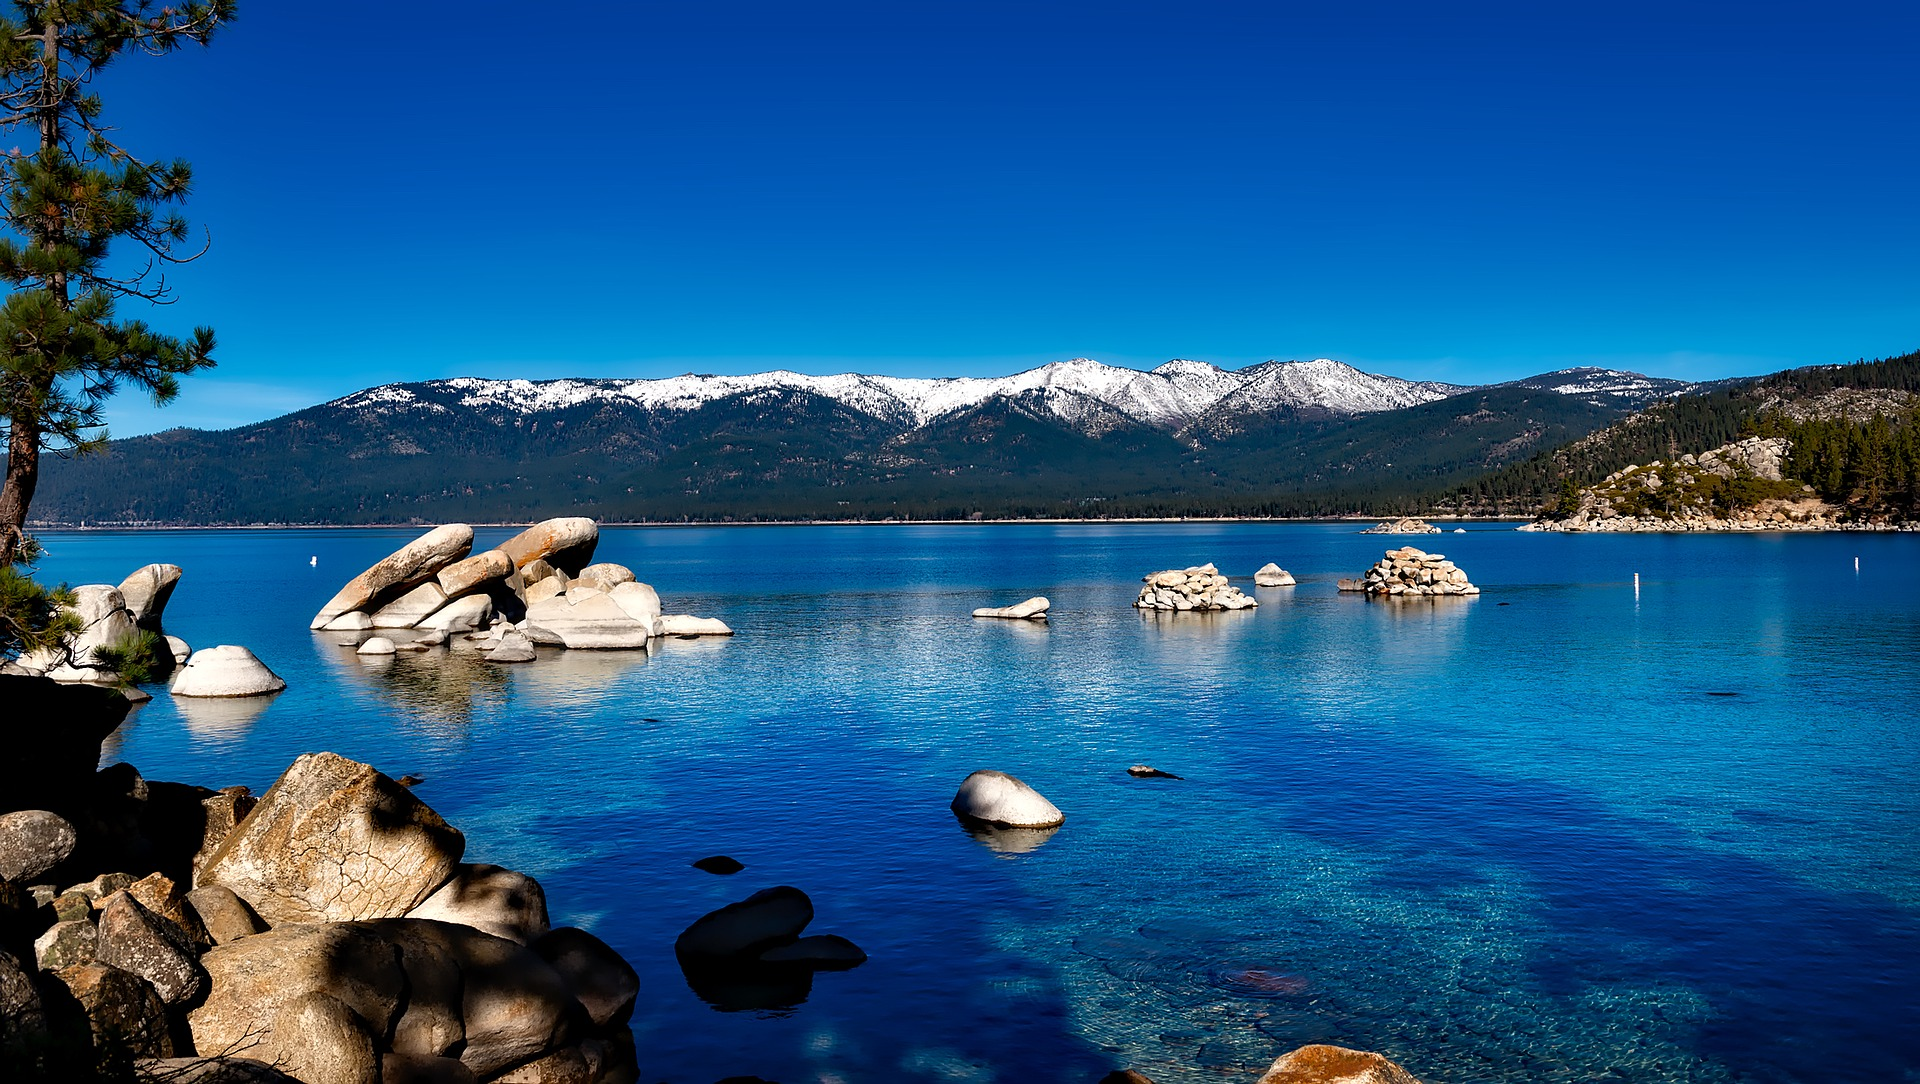 Lake Tahoe - Blackwing 73 Inspiration